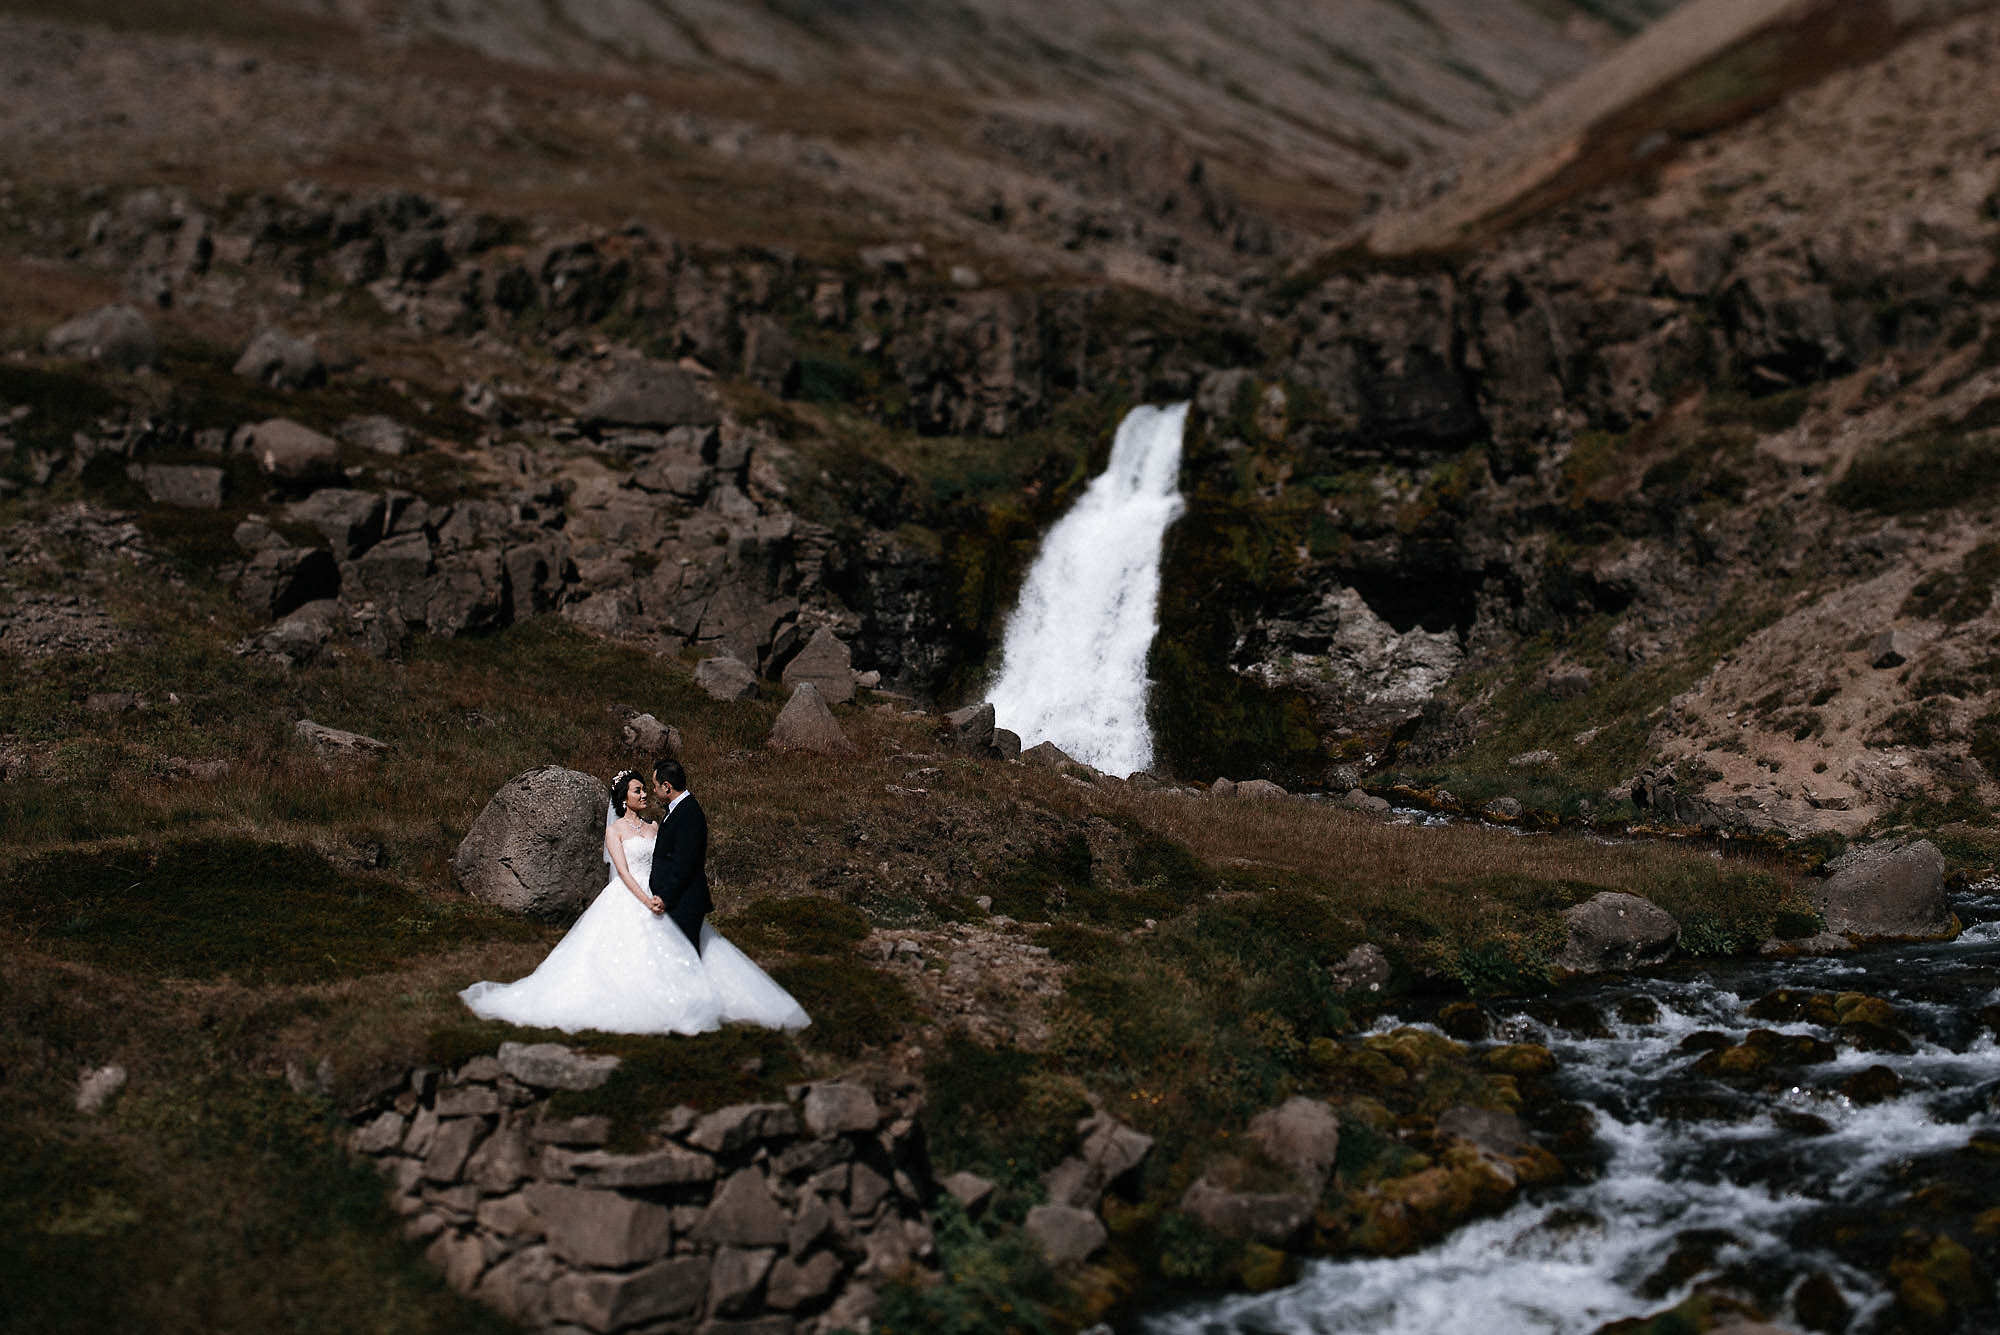 iceland-wedding-photographer_jere-satamo_photography-reykjavik-033.jpg